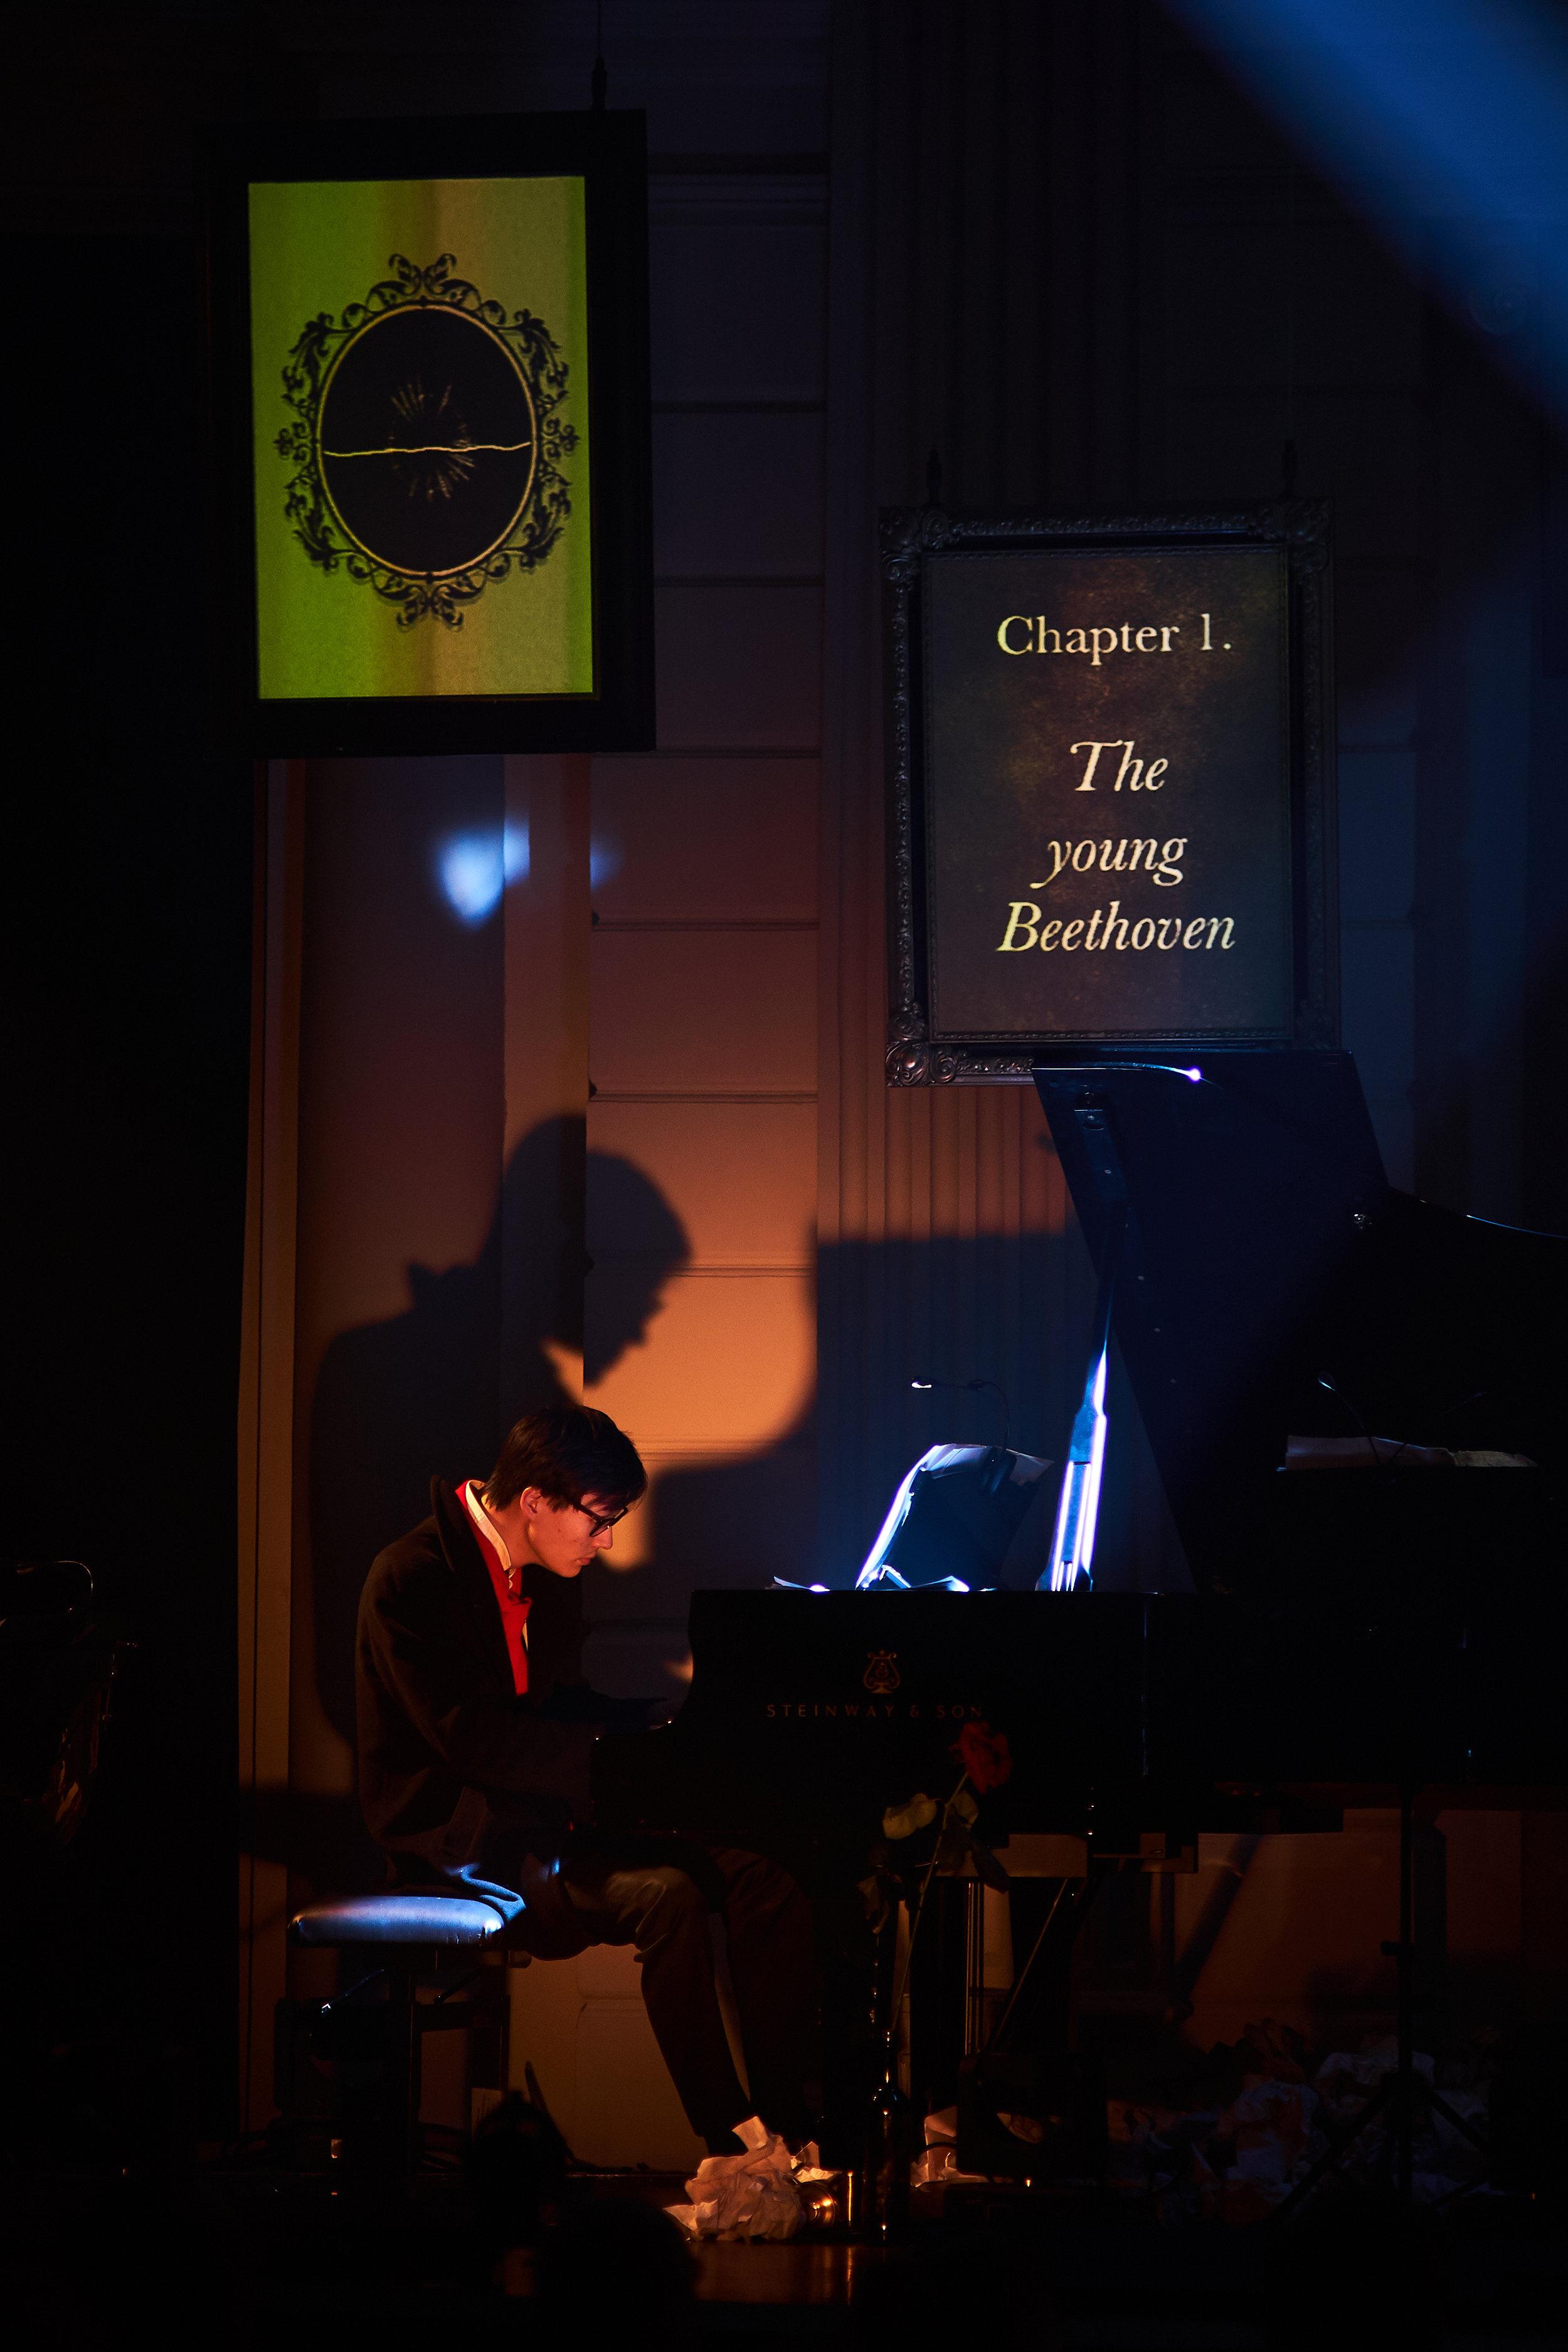 _2019-03-01_Concertgebouw_Tomek-Dersu-Aaron_007.jpg